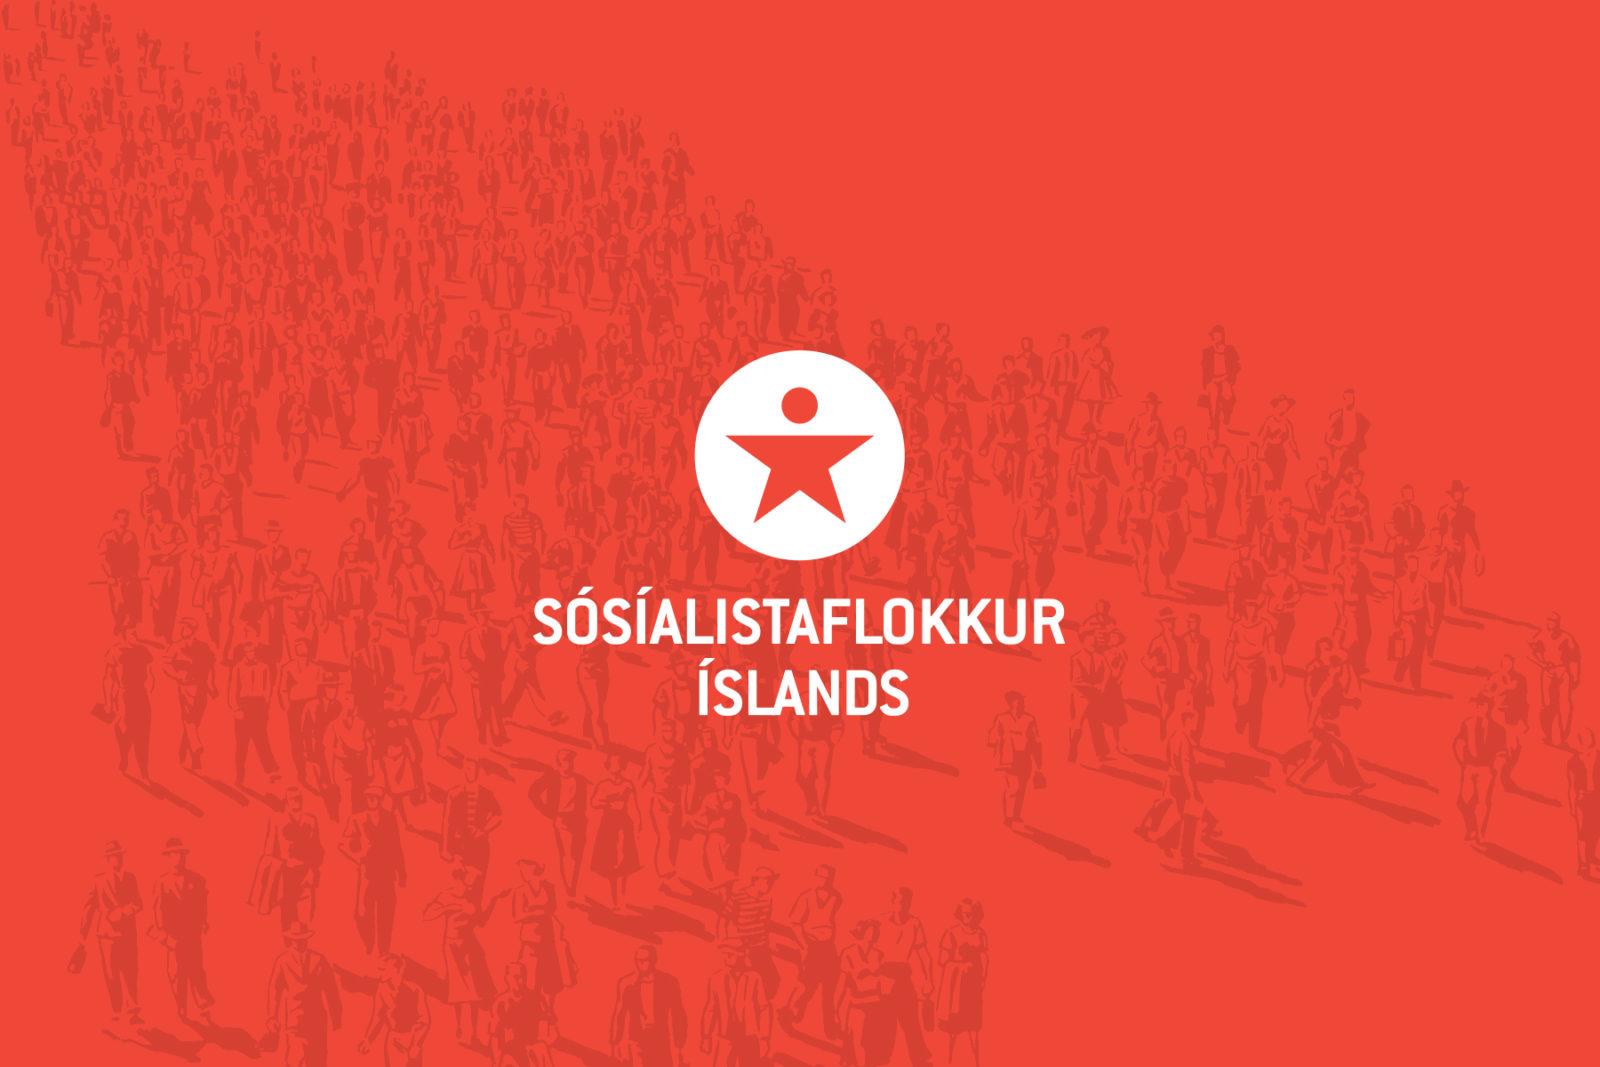 Sósíalistaflokkur íslands býður fram til alþingis í næstu kosningum